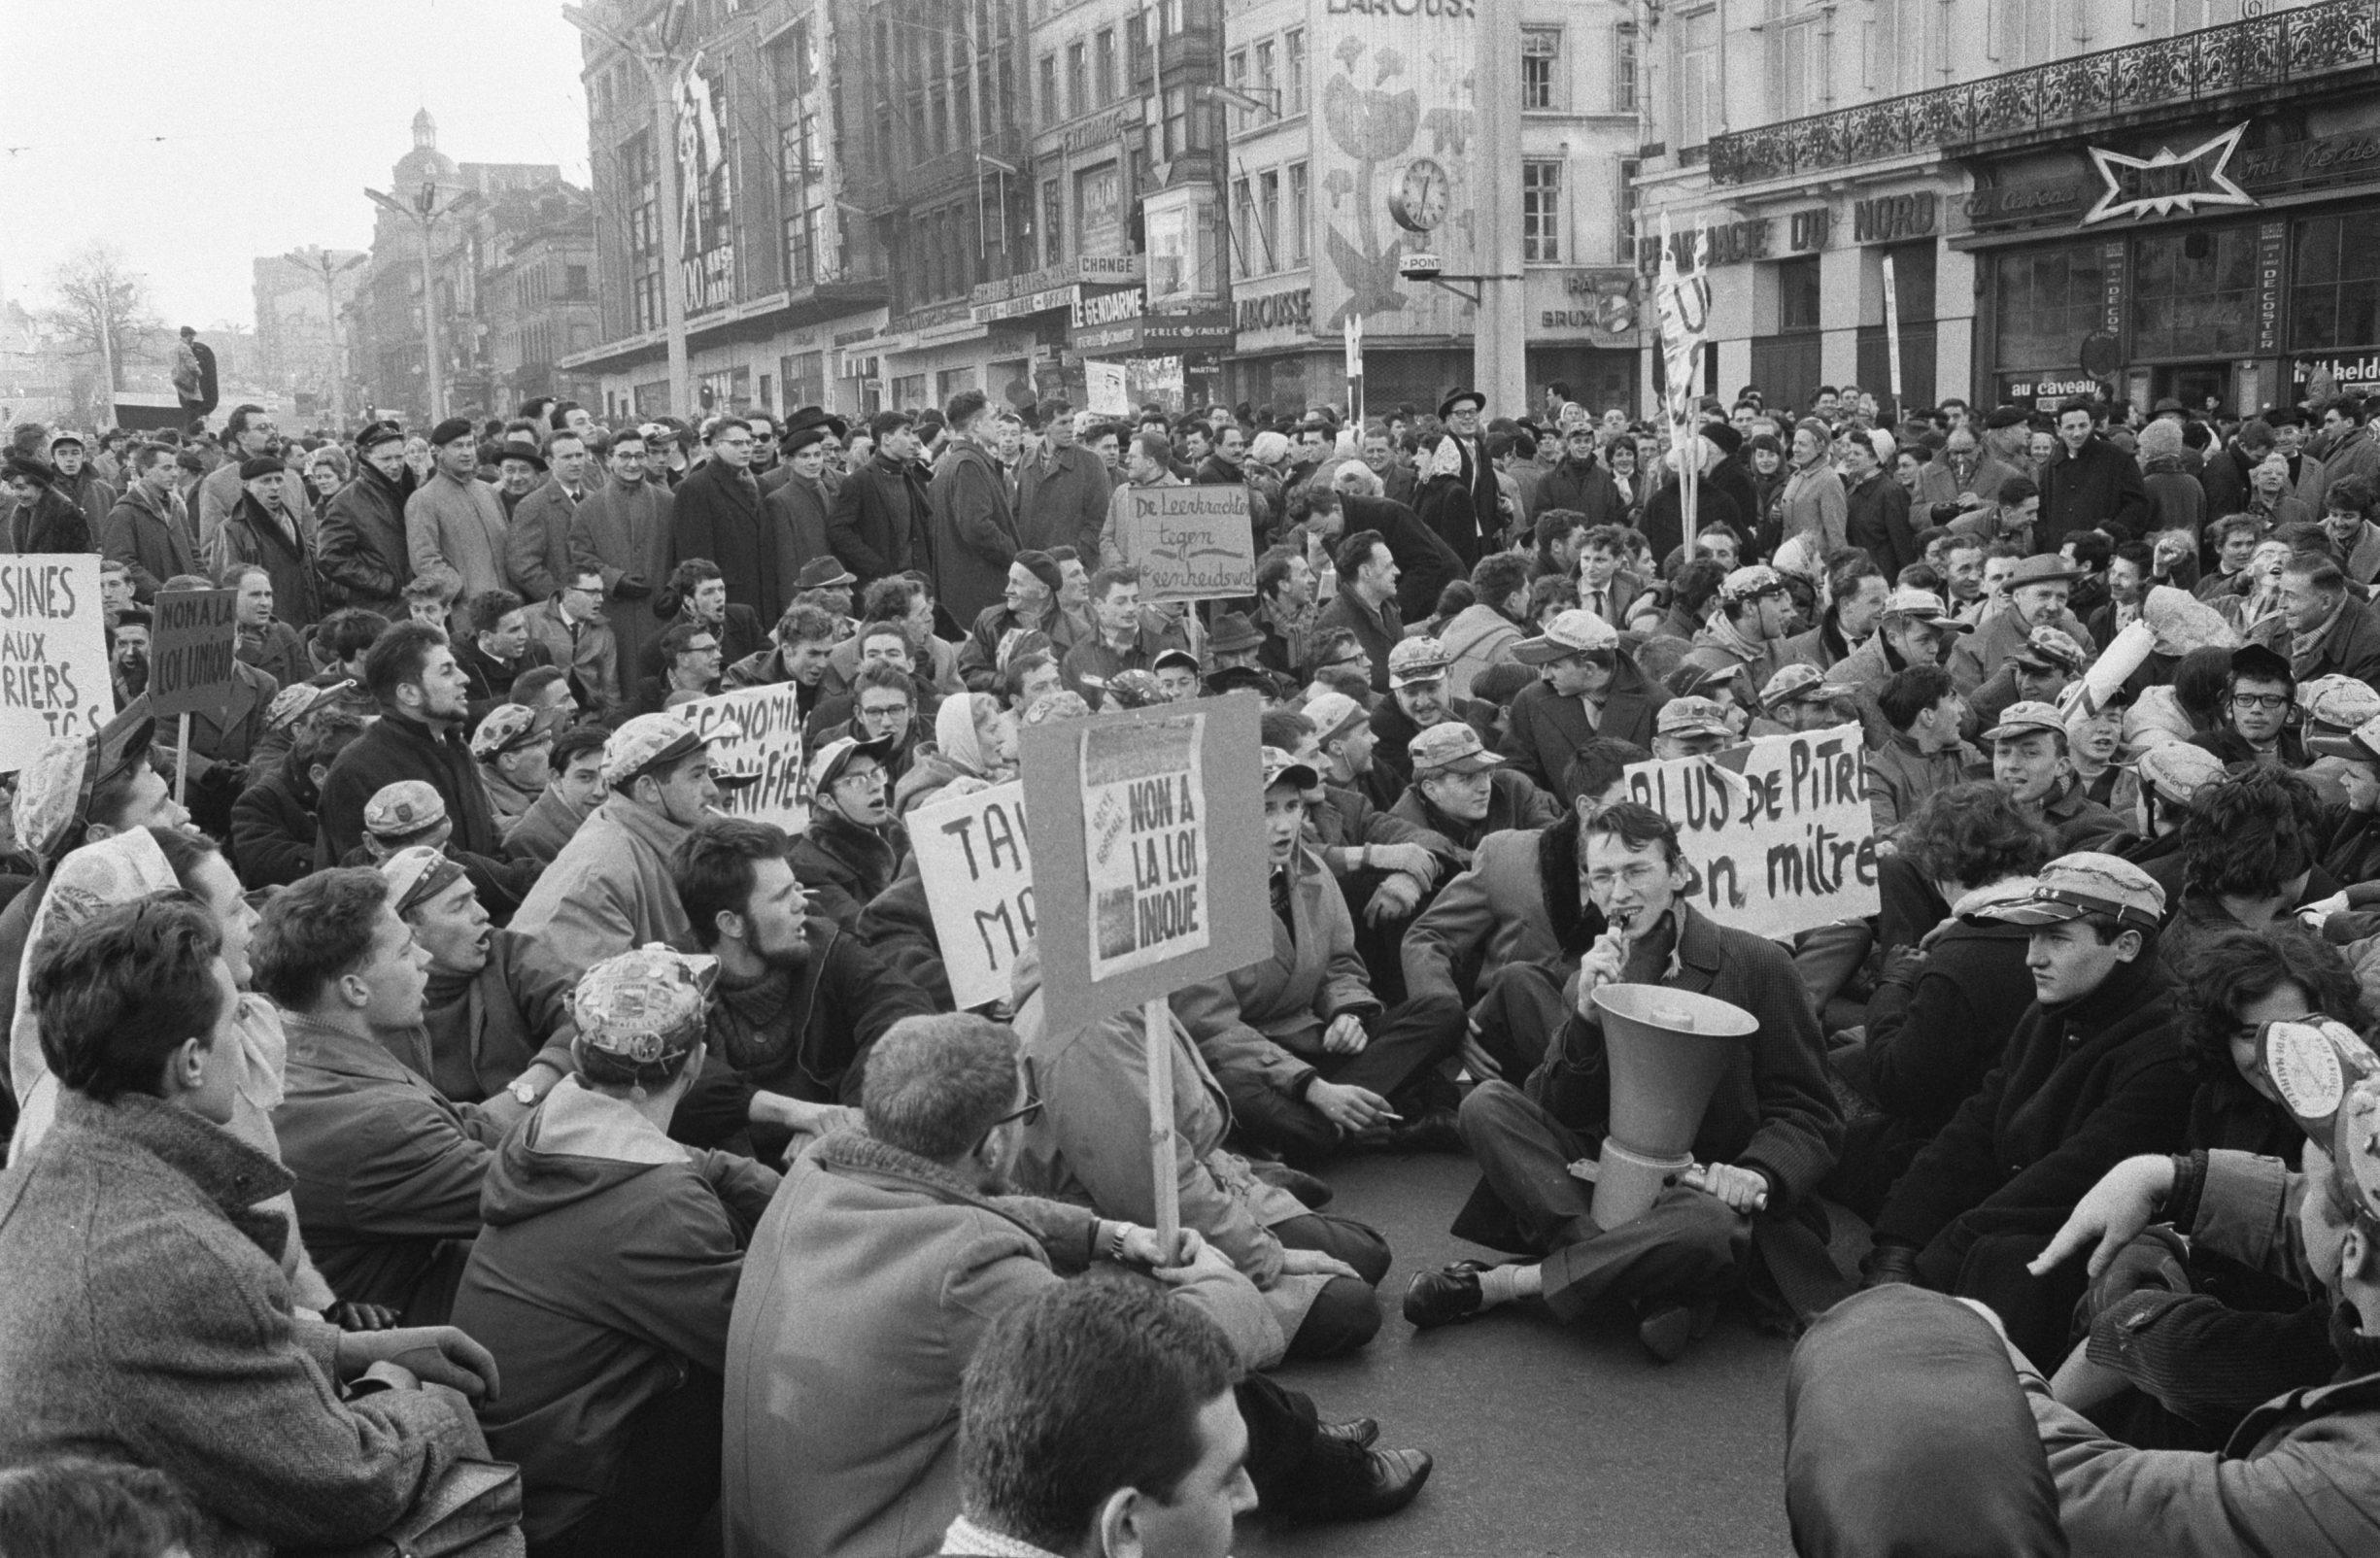 Demonstrationer i Bruxelles mod enheds retten, studerende sitdownstrike. Dato: 3 januar 1961. Foto: Pot, Harry/Anefo. Copyright indehaver: National Archives. Samling/Arkiv: fotosamling Anefo. (CC0 1.0).